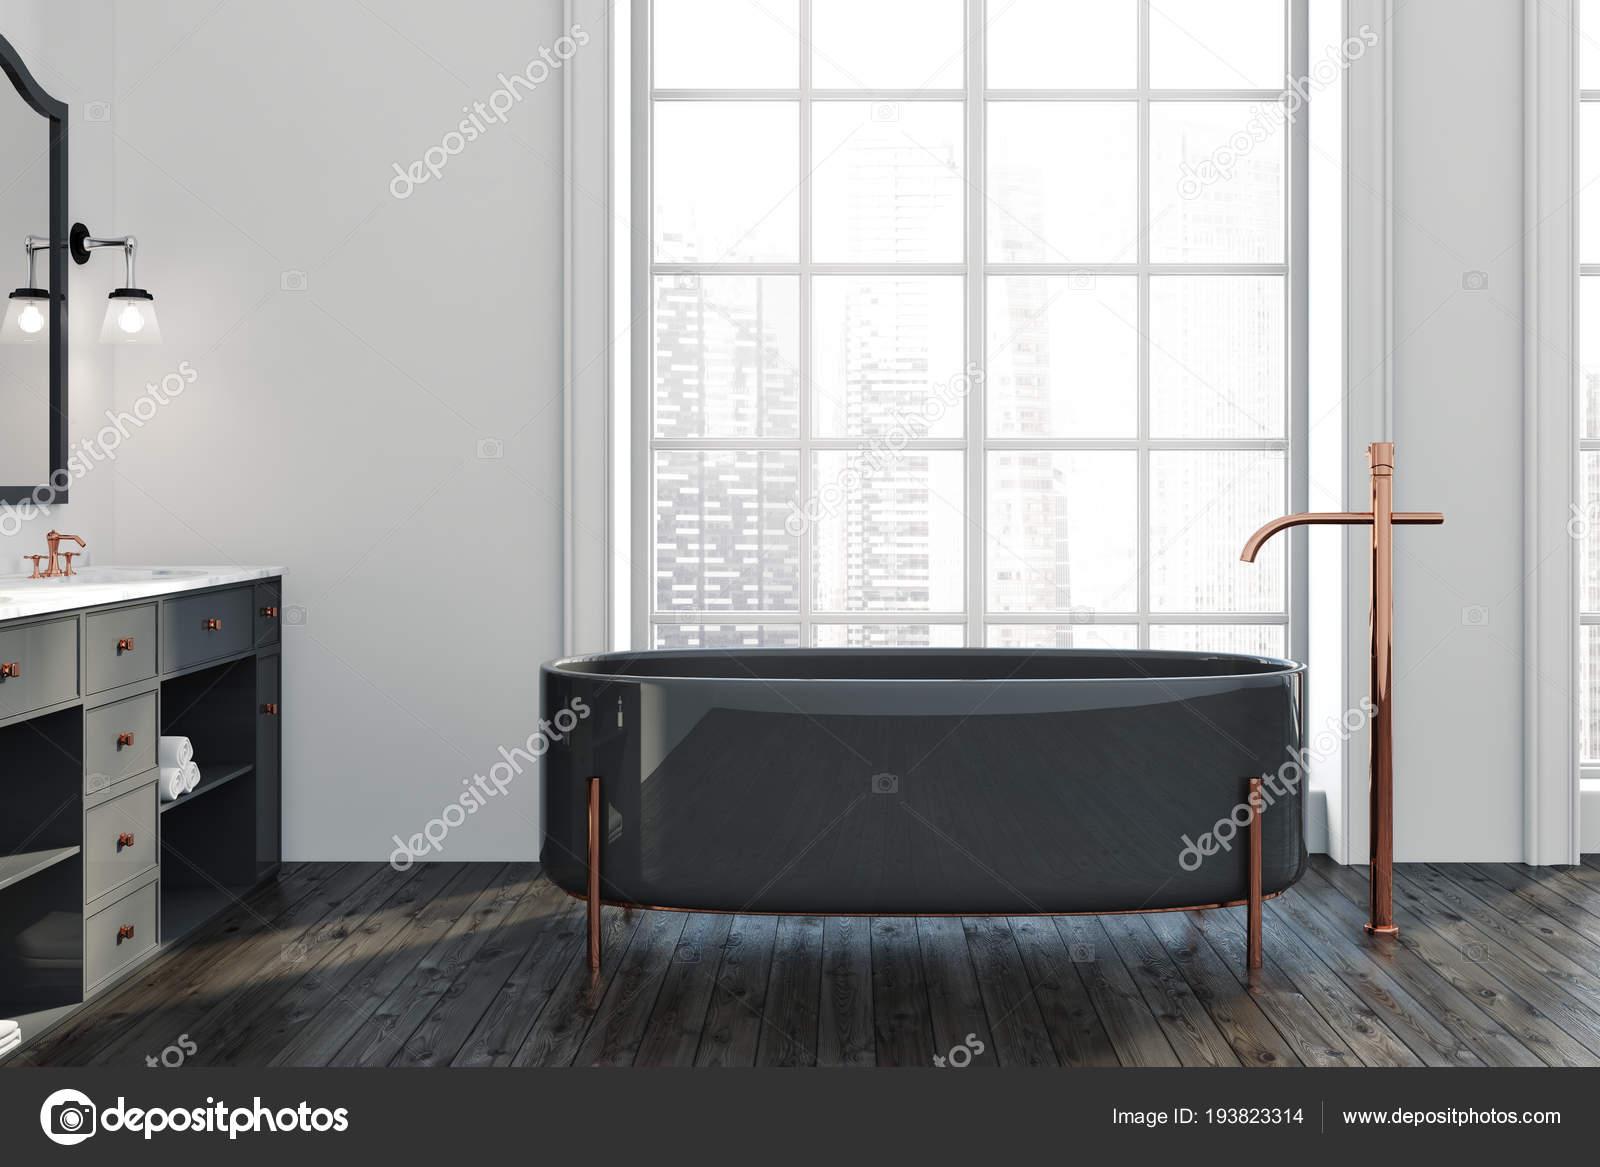 Intérieur Salle Bain Avec Parquet Murs Blancs Baquet Fenêtre Noir ...